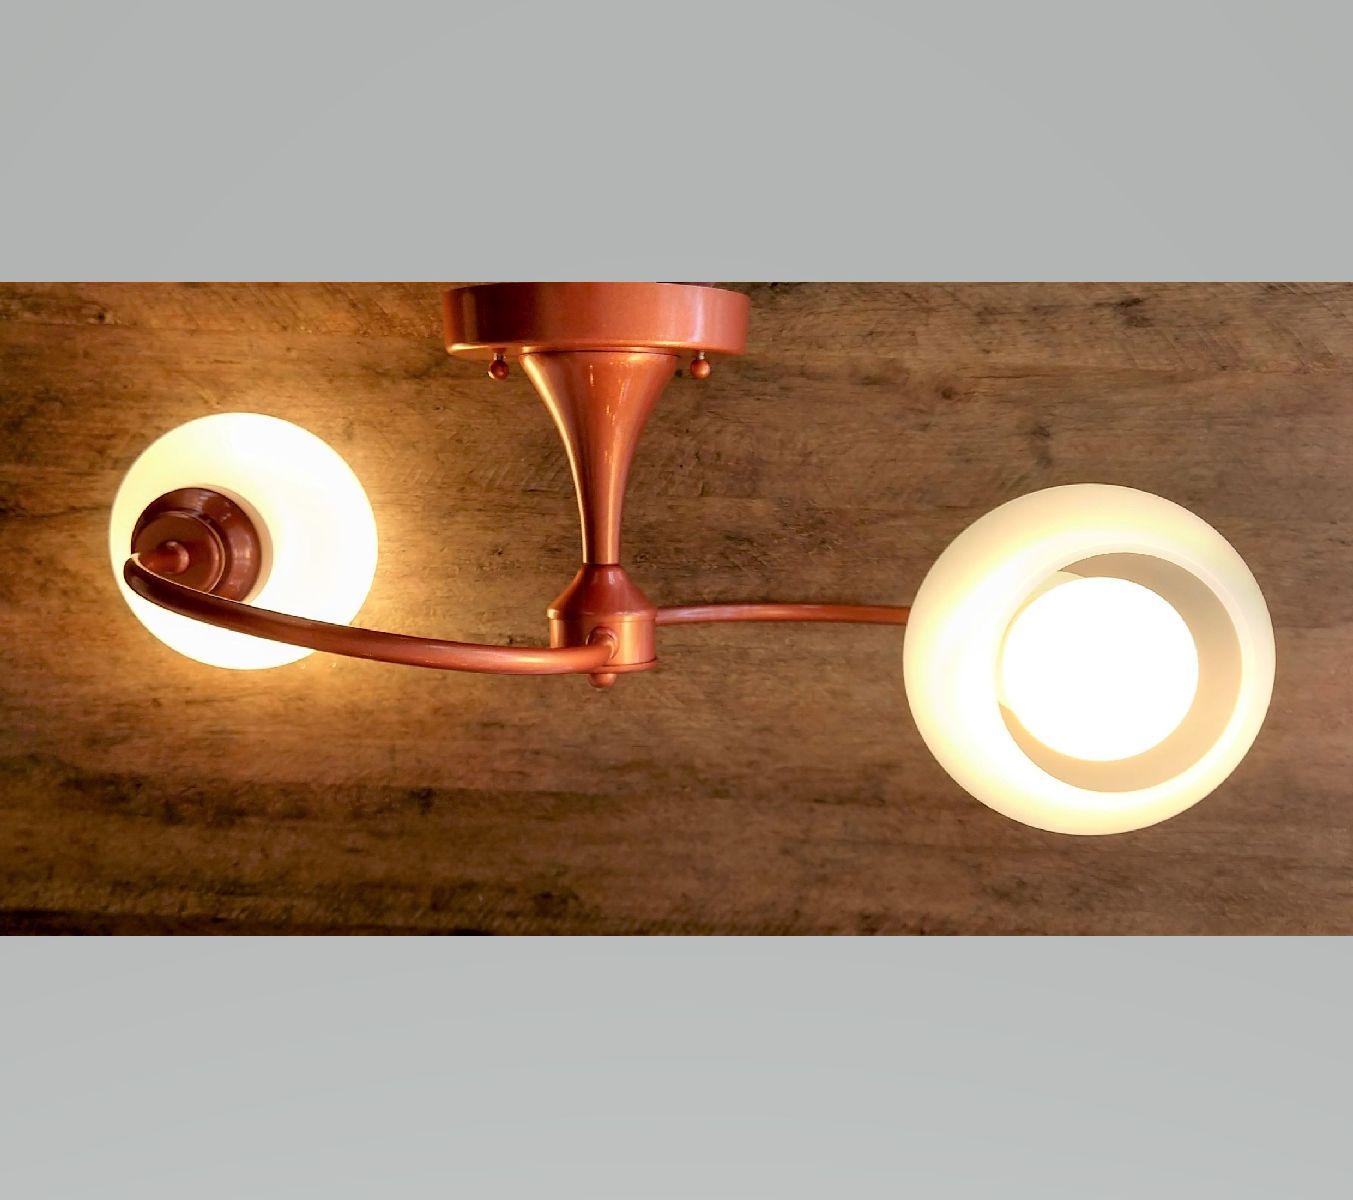 Plafon Moderno Jabuticaba 2 Lâmp Para Cozinha Gourmet Quarto Corredor Caisma